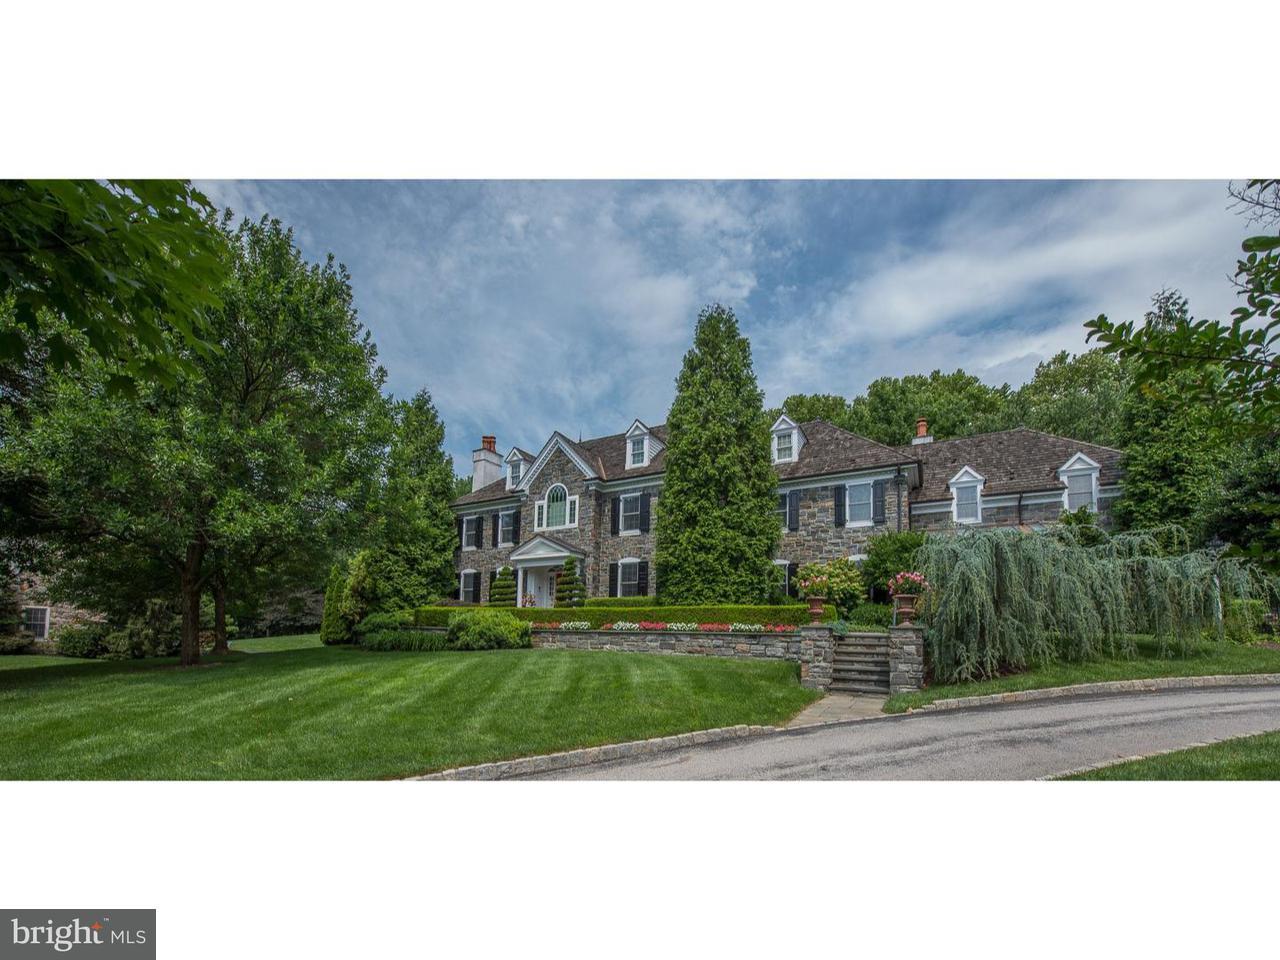 Maison unifamiliale pour l Vente à 1461 LANES END Villanova, Pennsylvanie 19085 États-Unis